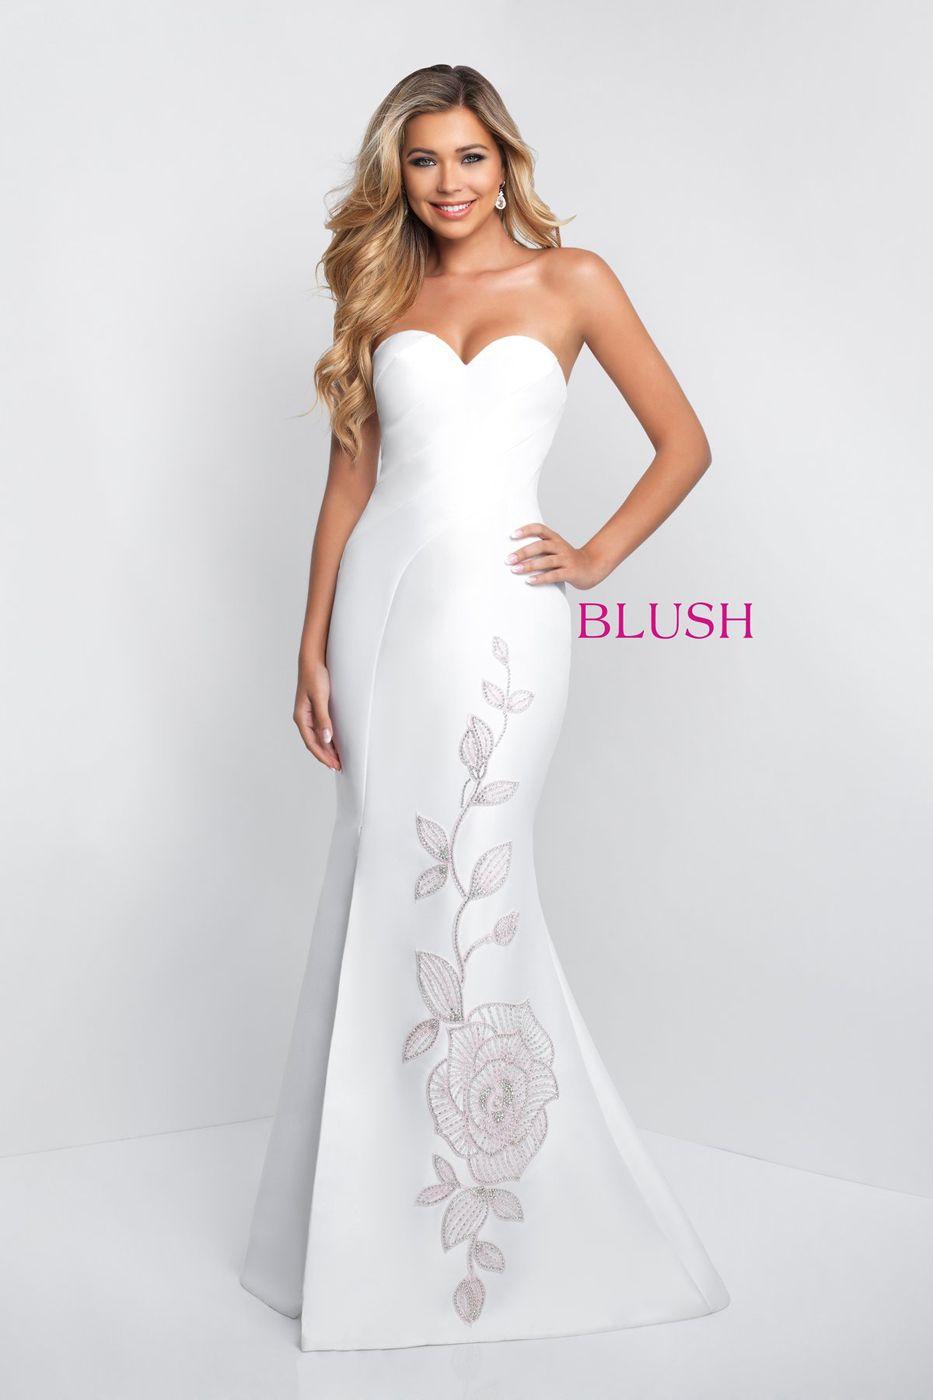 Blush c strapless formal gown pinterest mermaid skirt black